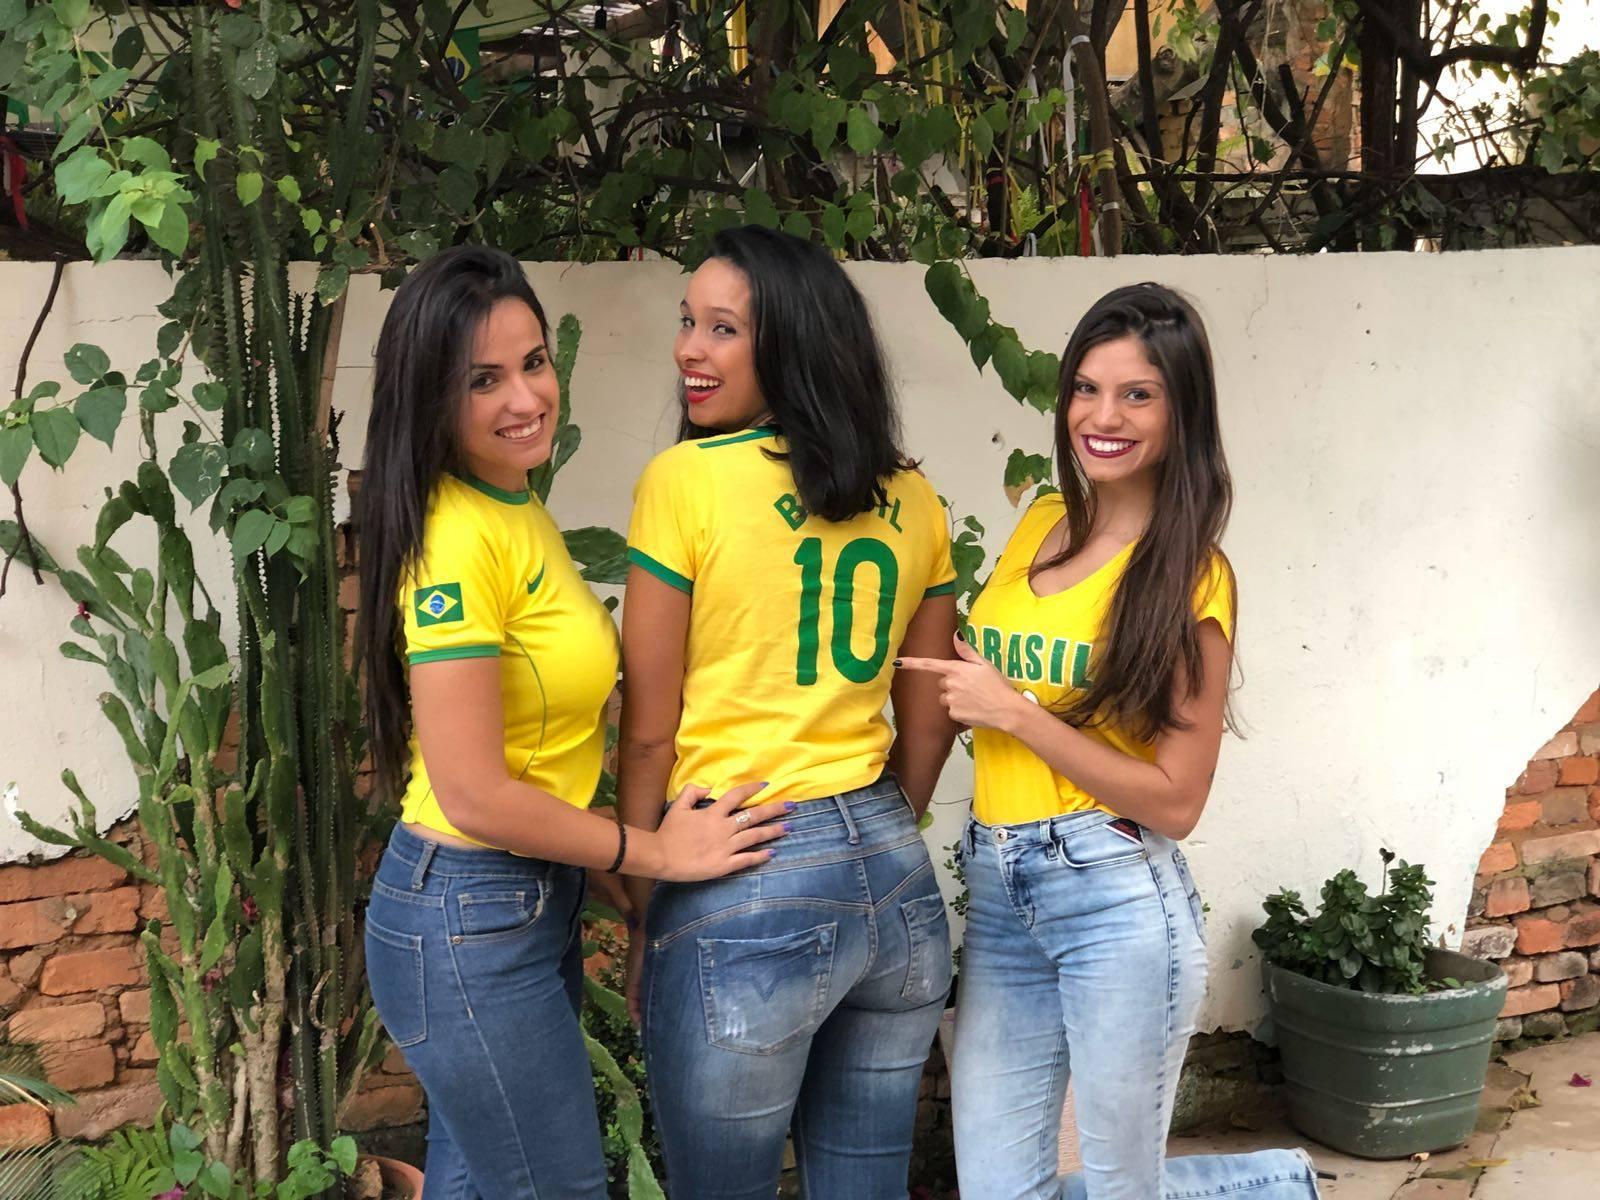 Site de relacionamento entra no clima da Copa do Mundo